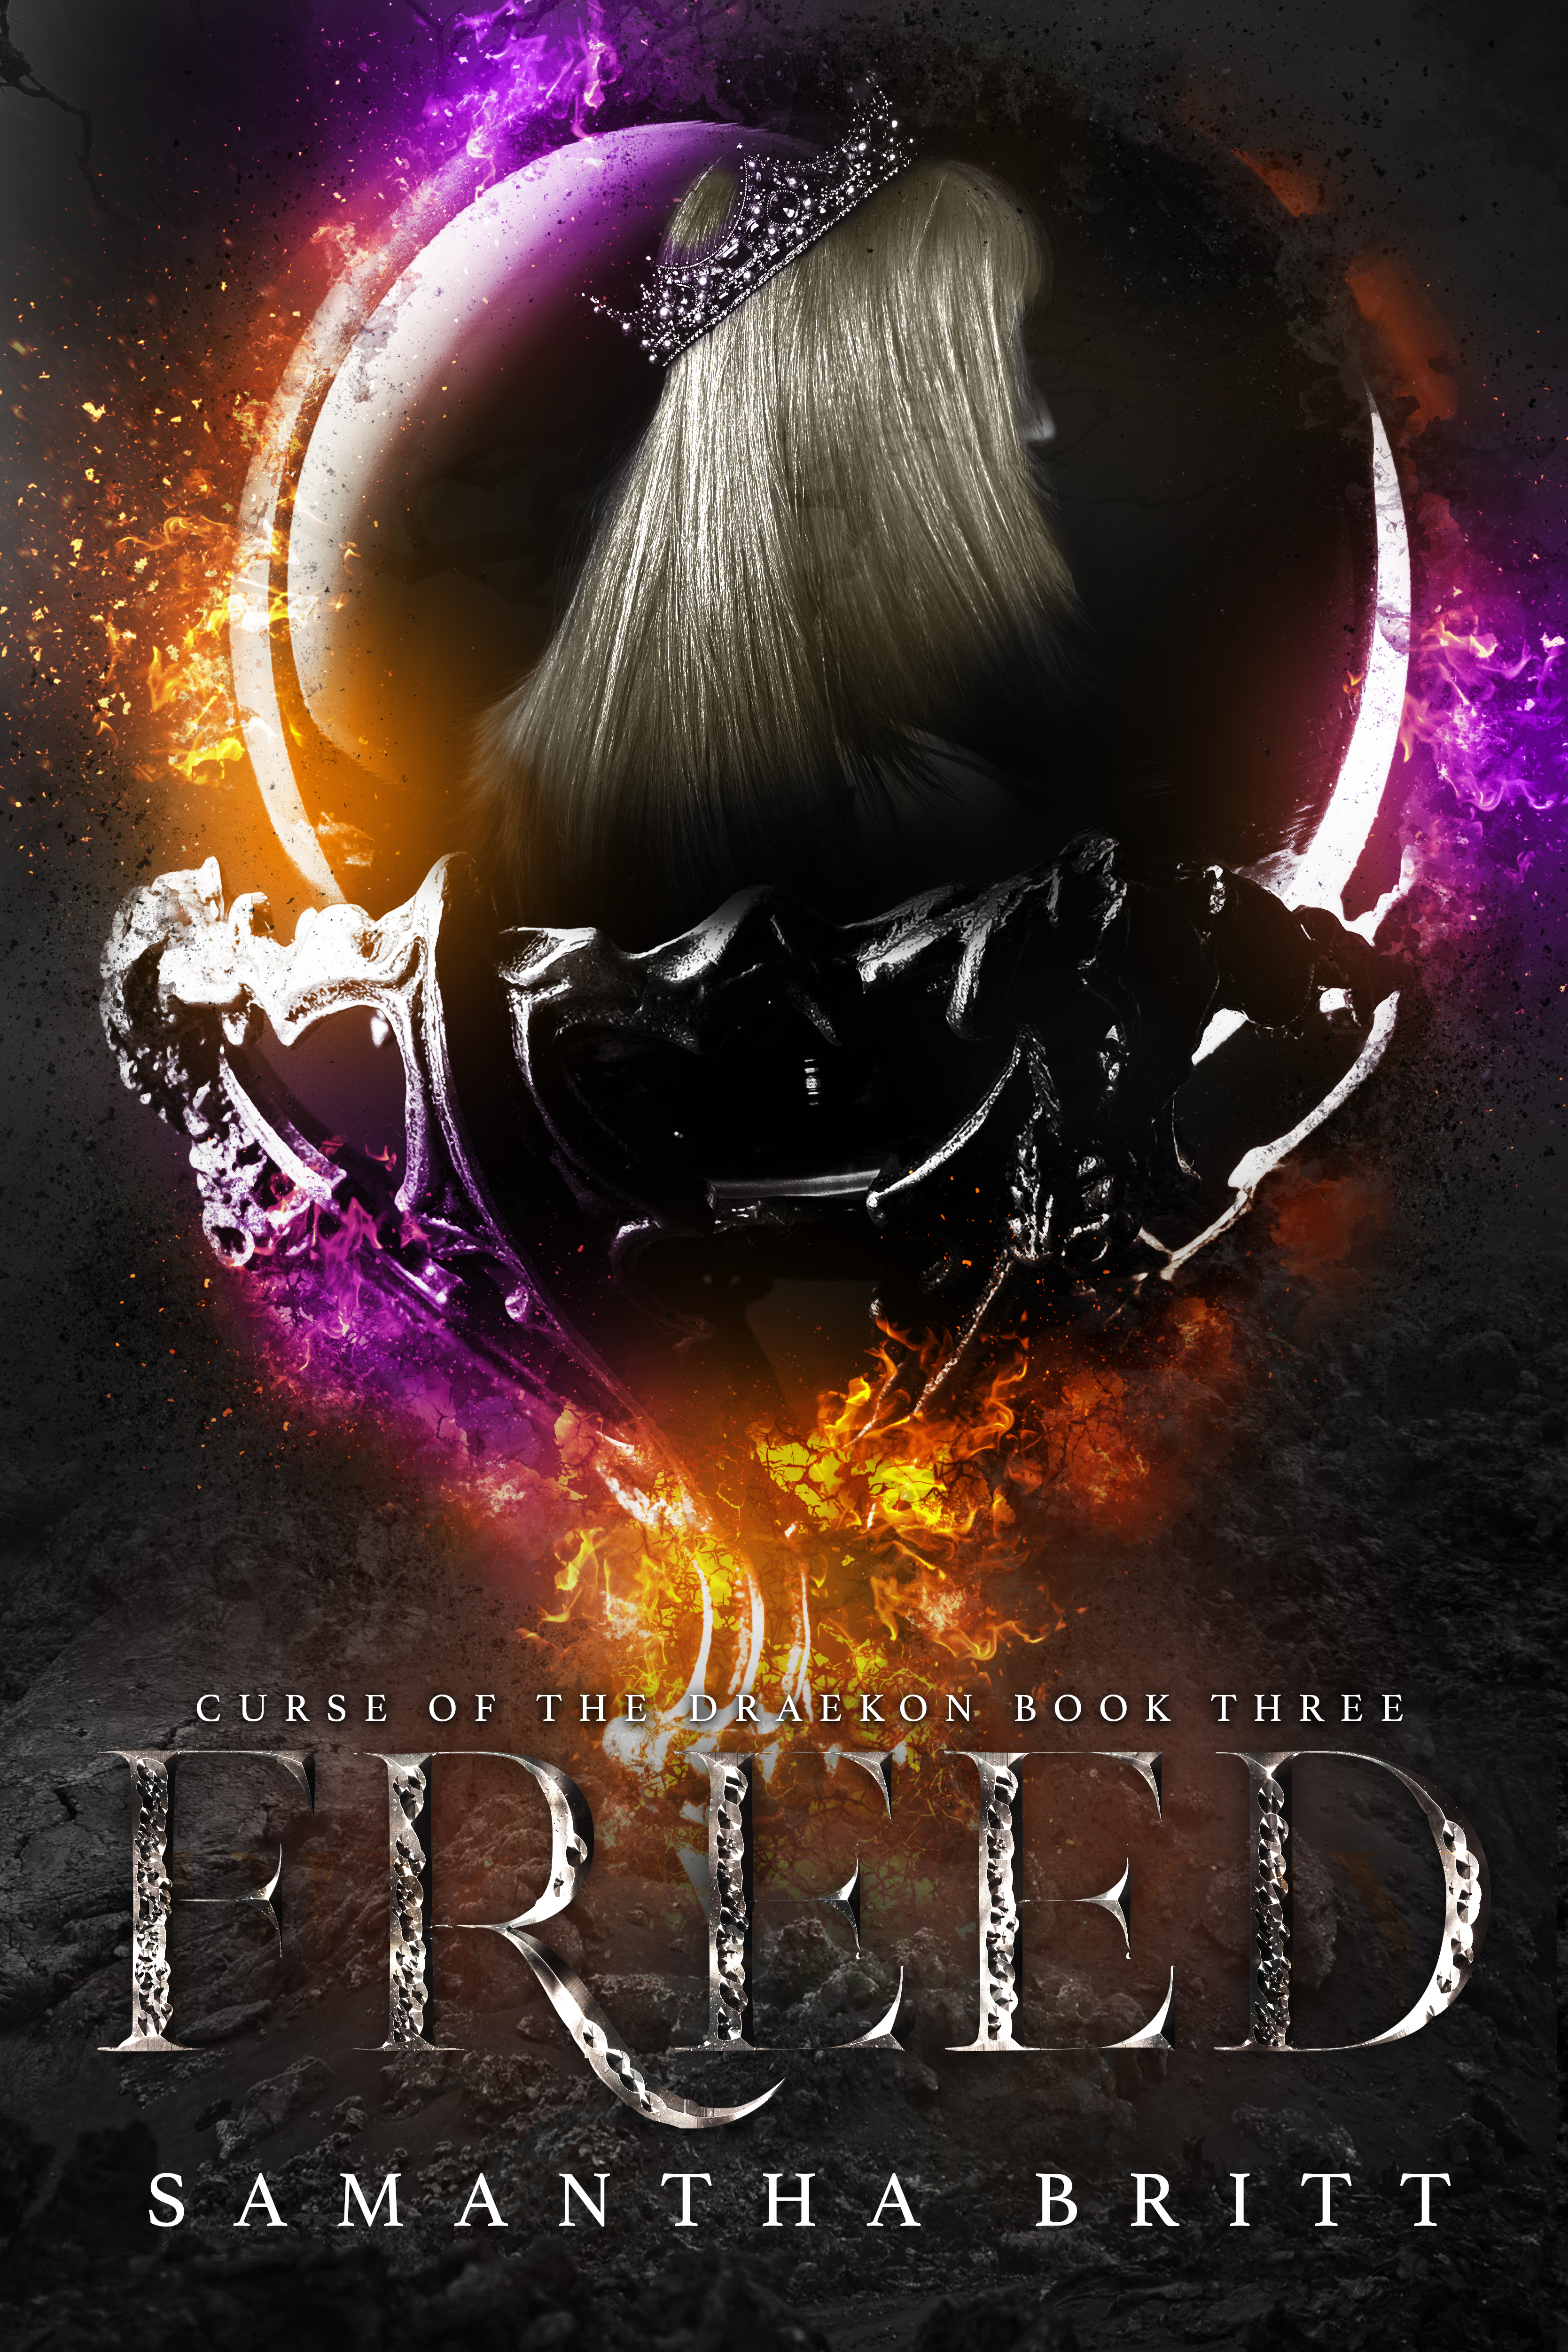 Freed - Curse of the Draekon Book Three